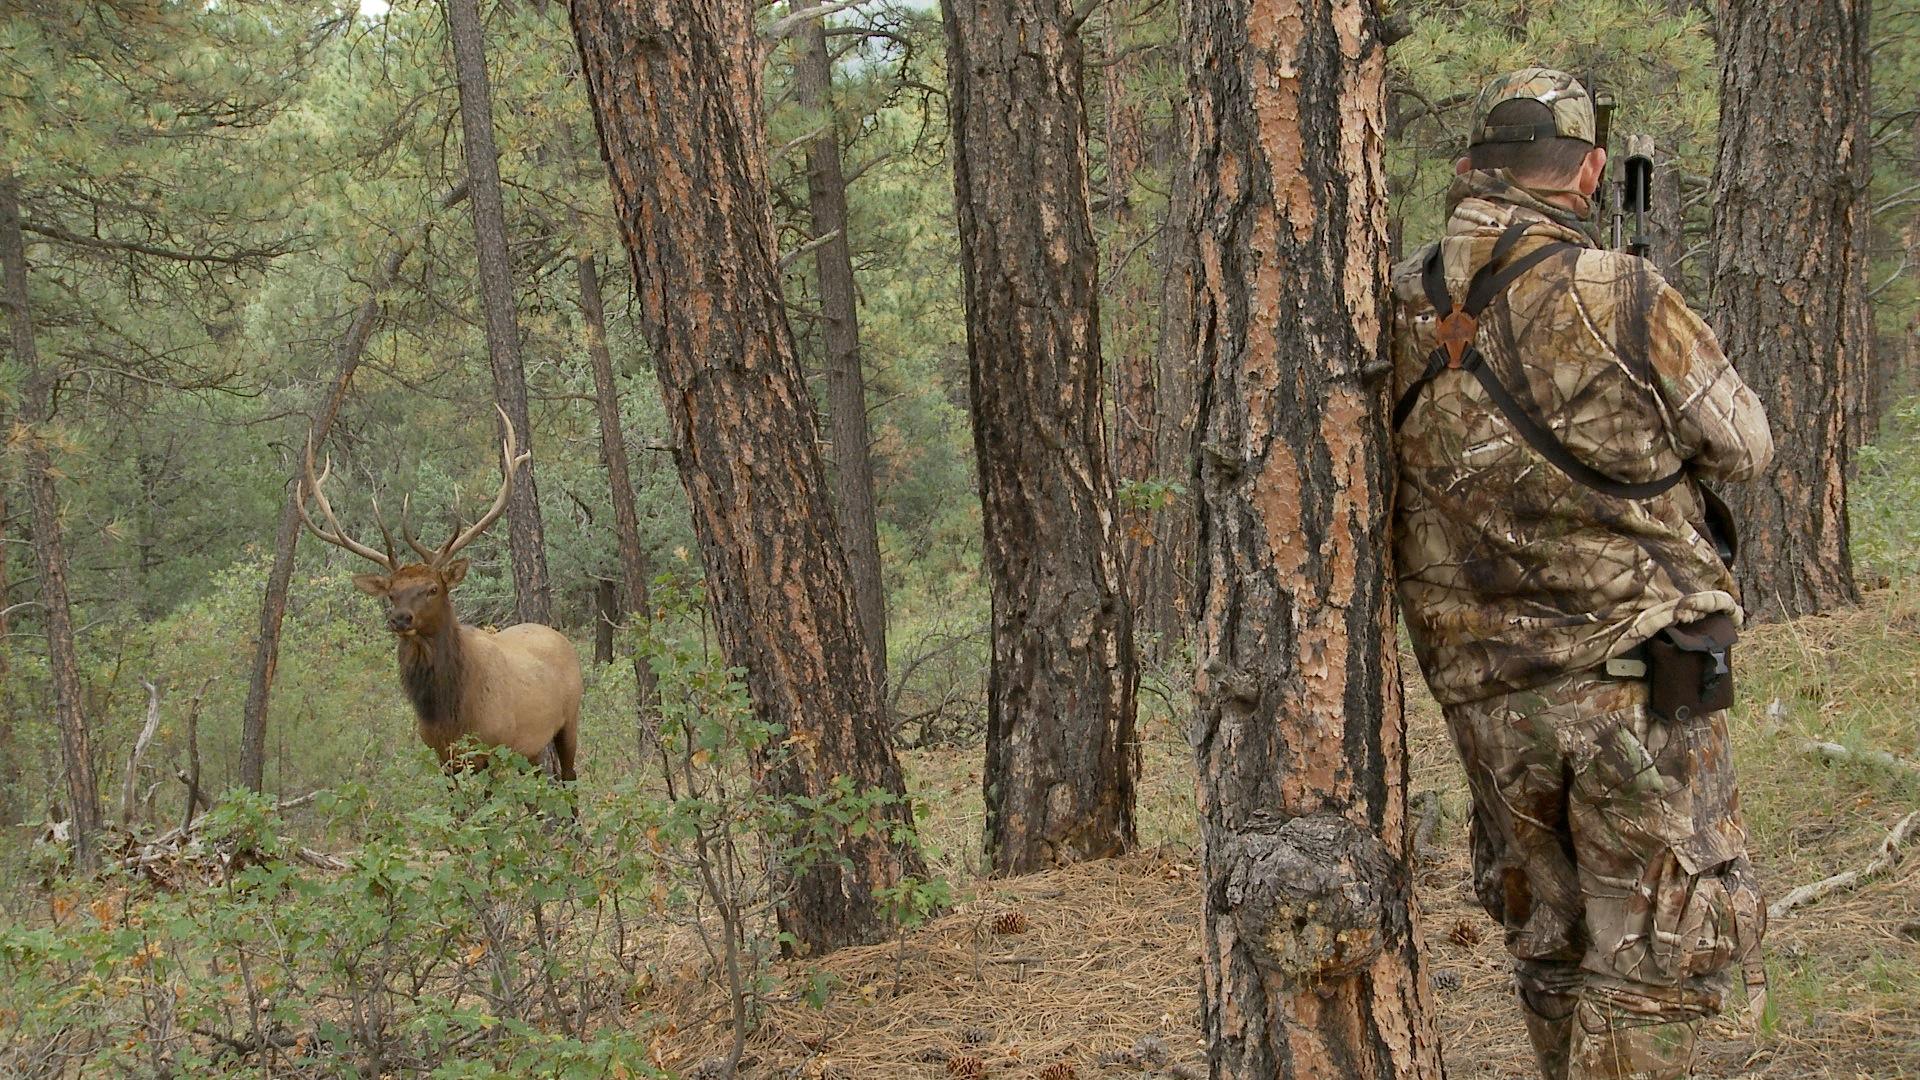 Quartering to Shot on Elk 1920x1080